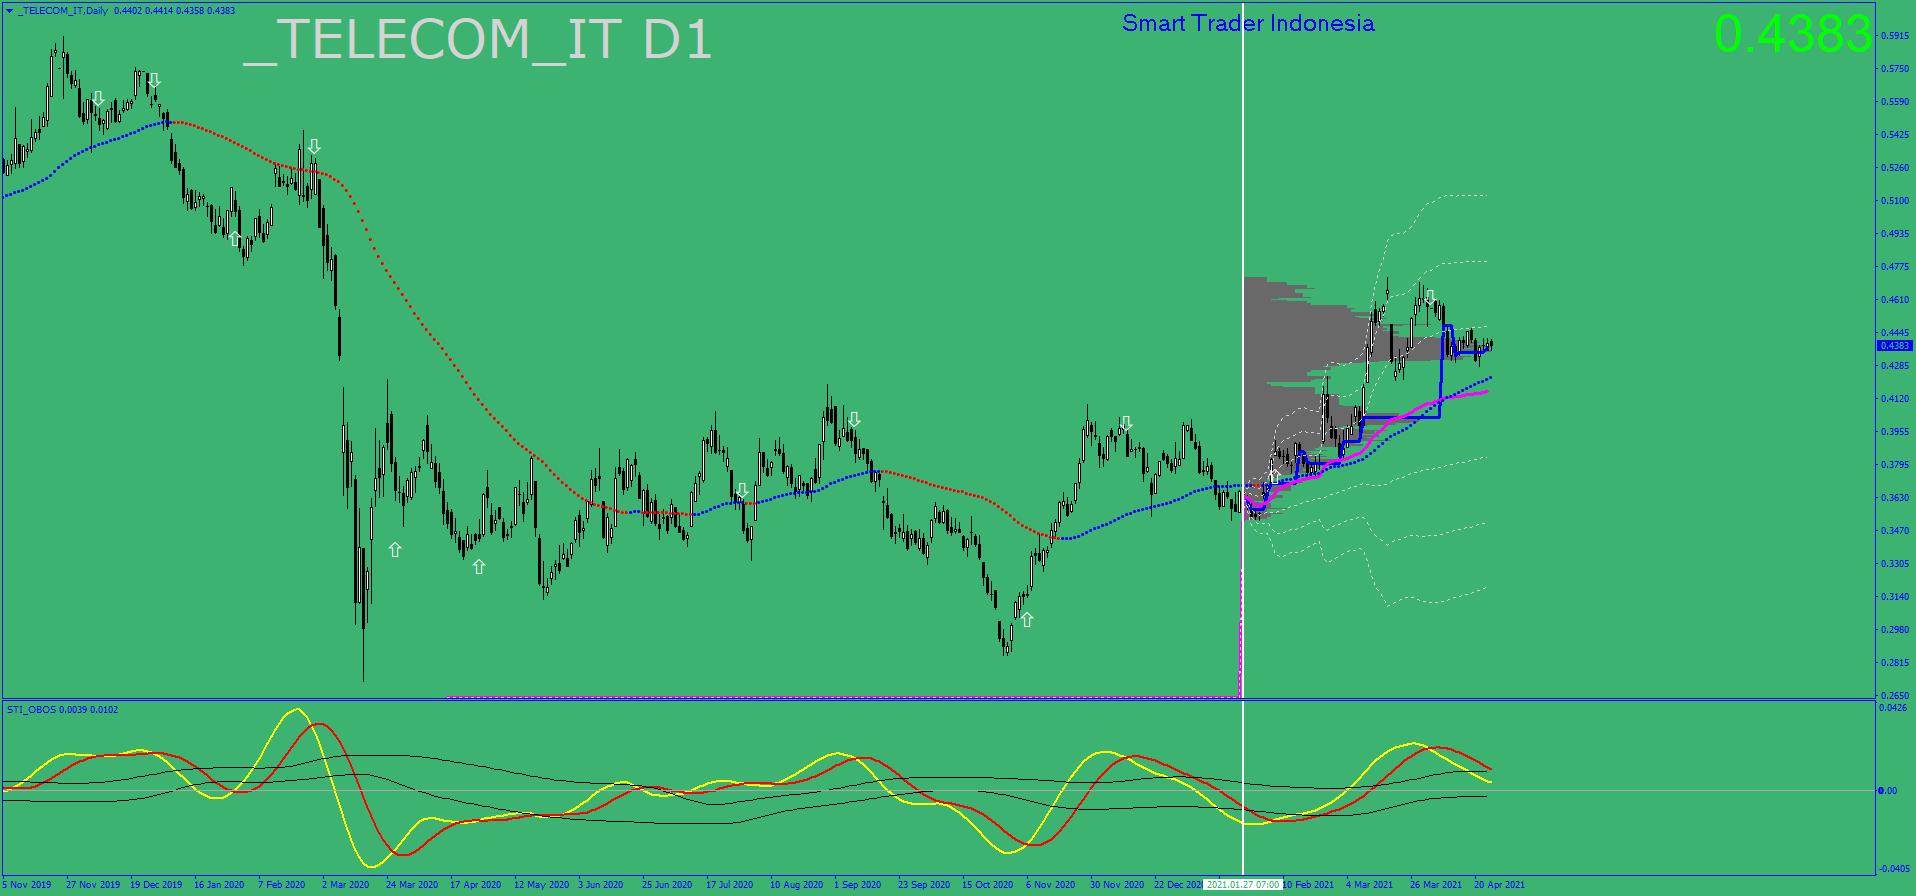 telecom-it-d1-ava-trade-ltd.png